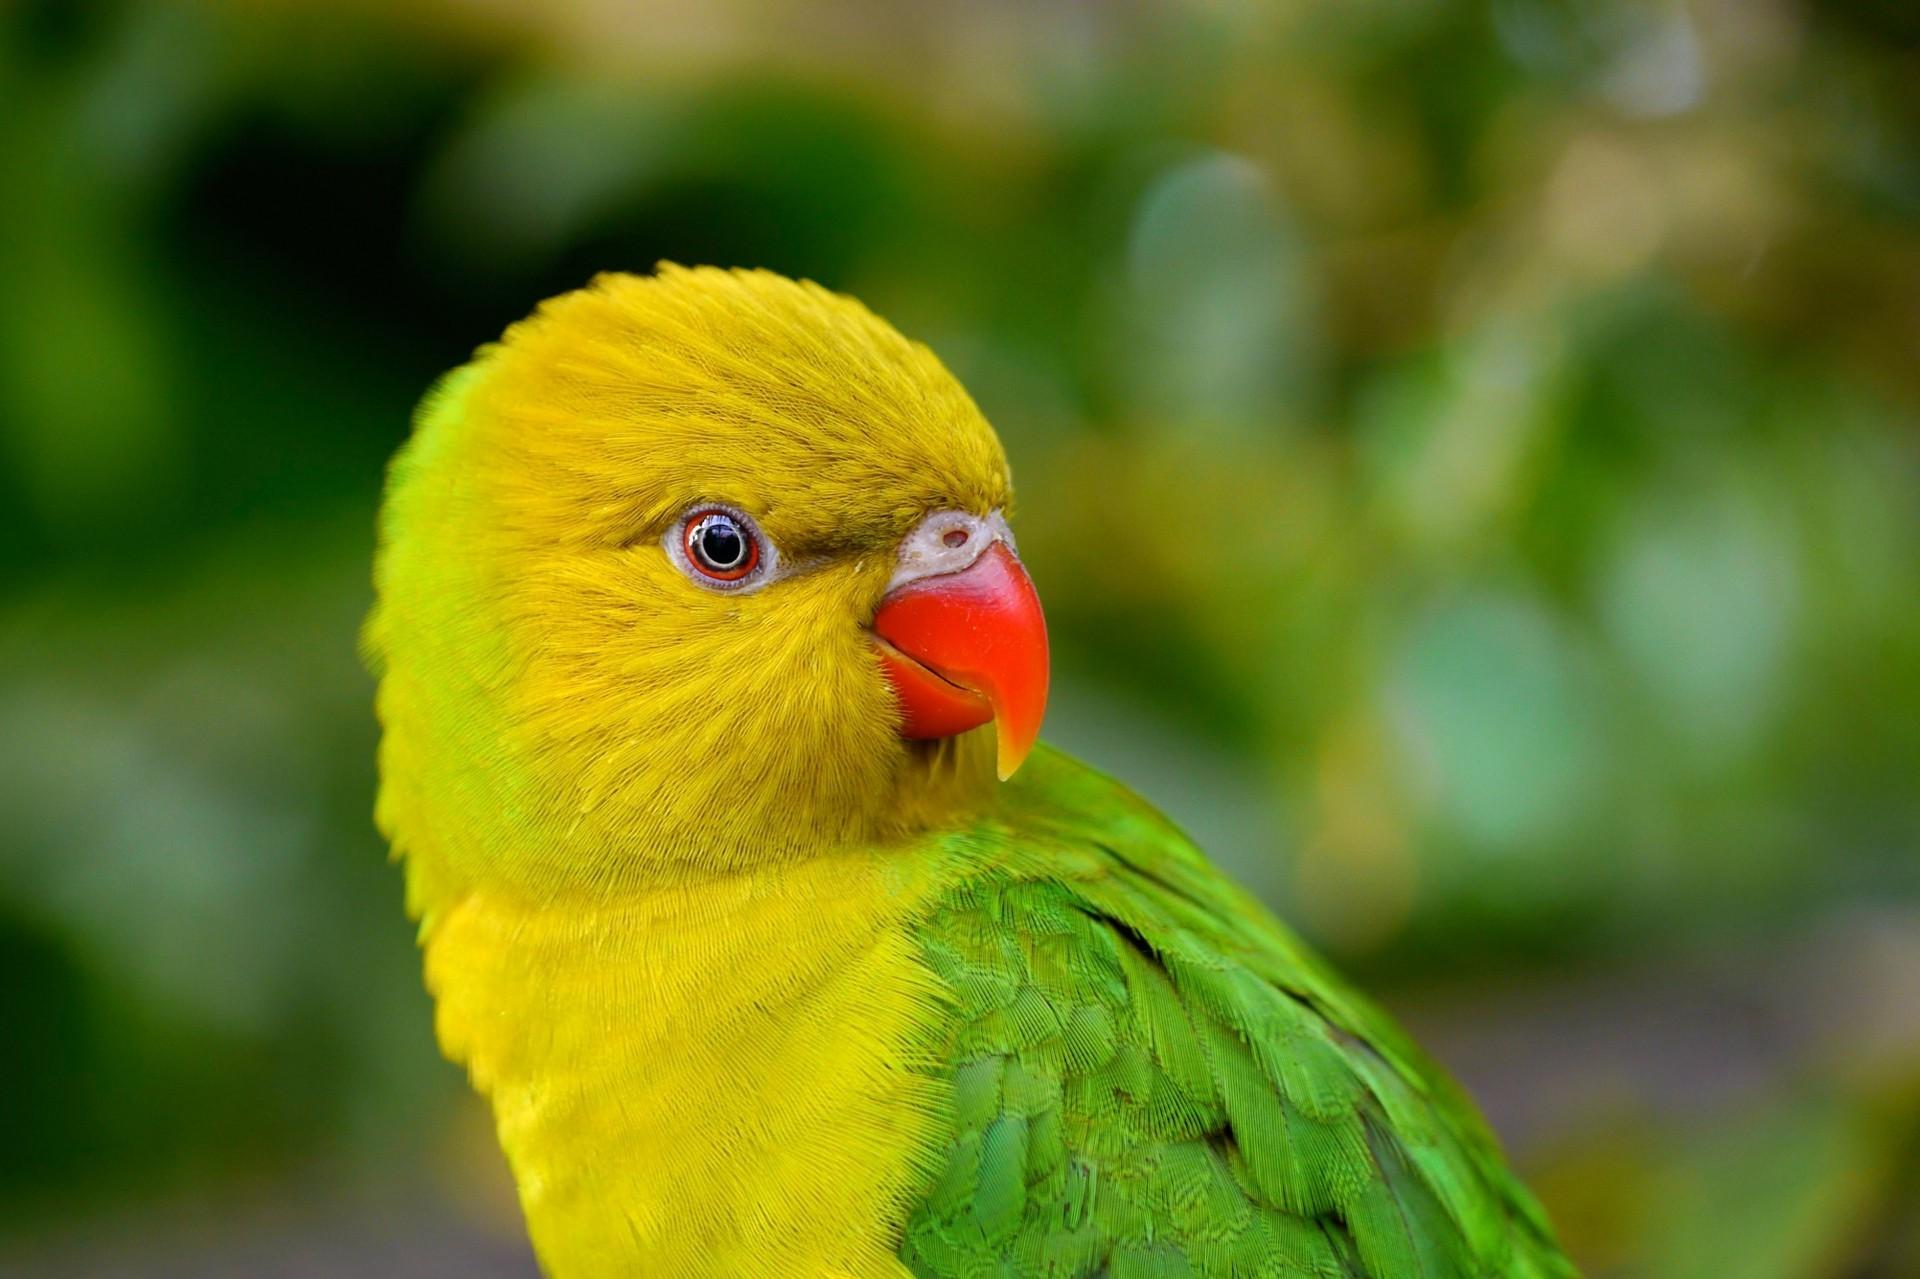 hintergrundbilder v gel tiere papagei gr n gelb tierwelt schnabel blume vogel fauna. Black Bedroom Furniture Sets. Home Design Ideas